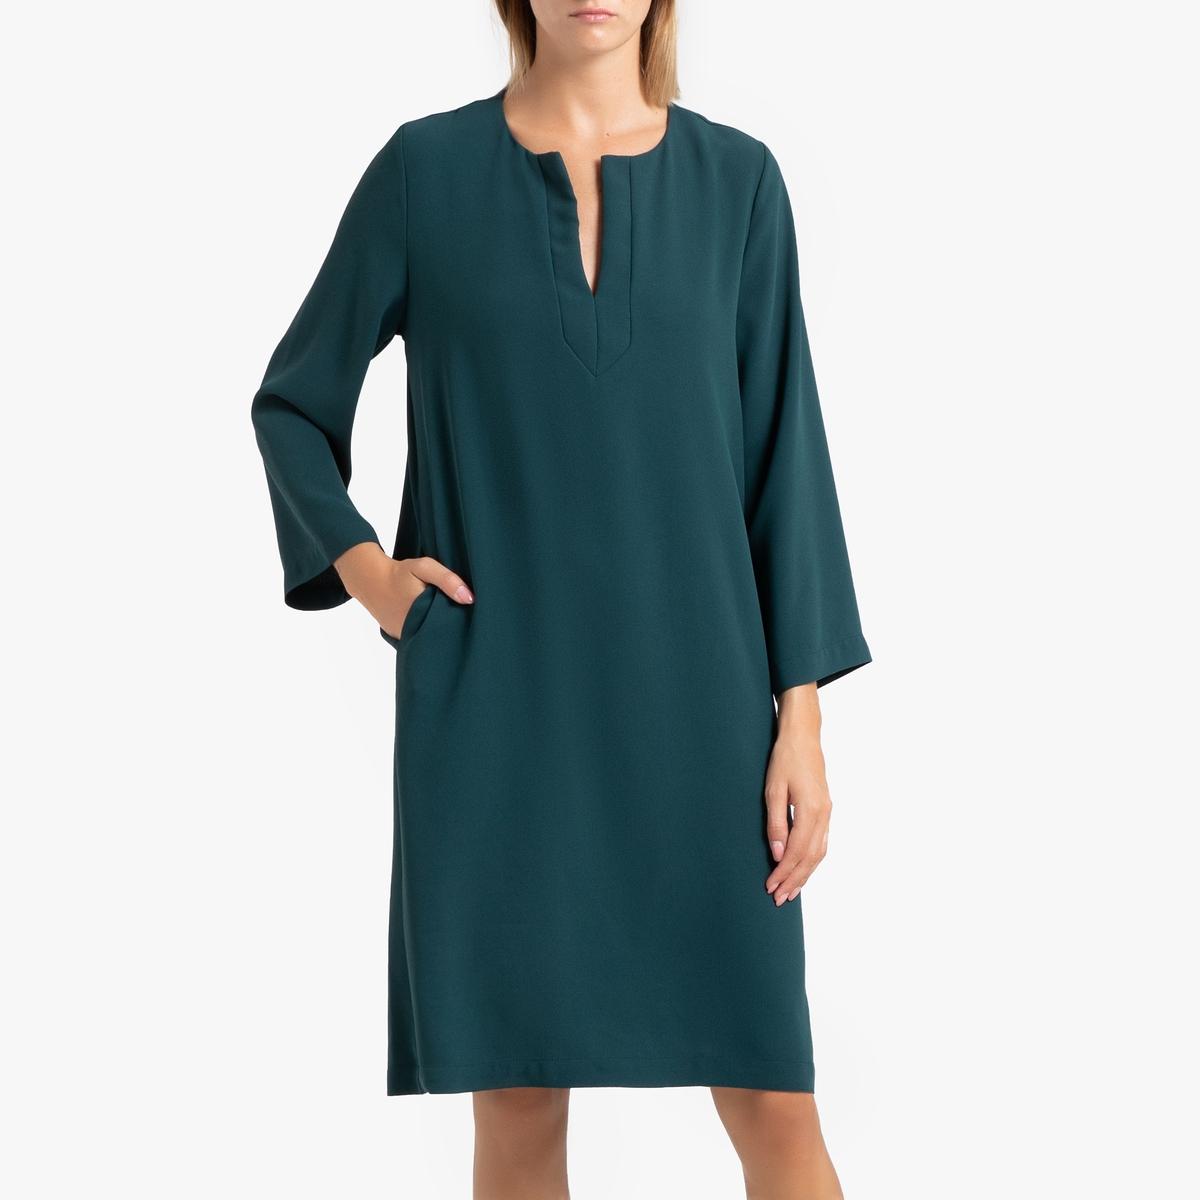 цена Платье La Redoute Прямое с длинными рукавами LINE S зеленый онлайн в 2017 году